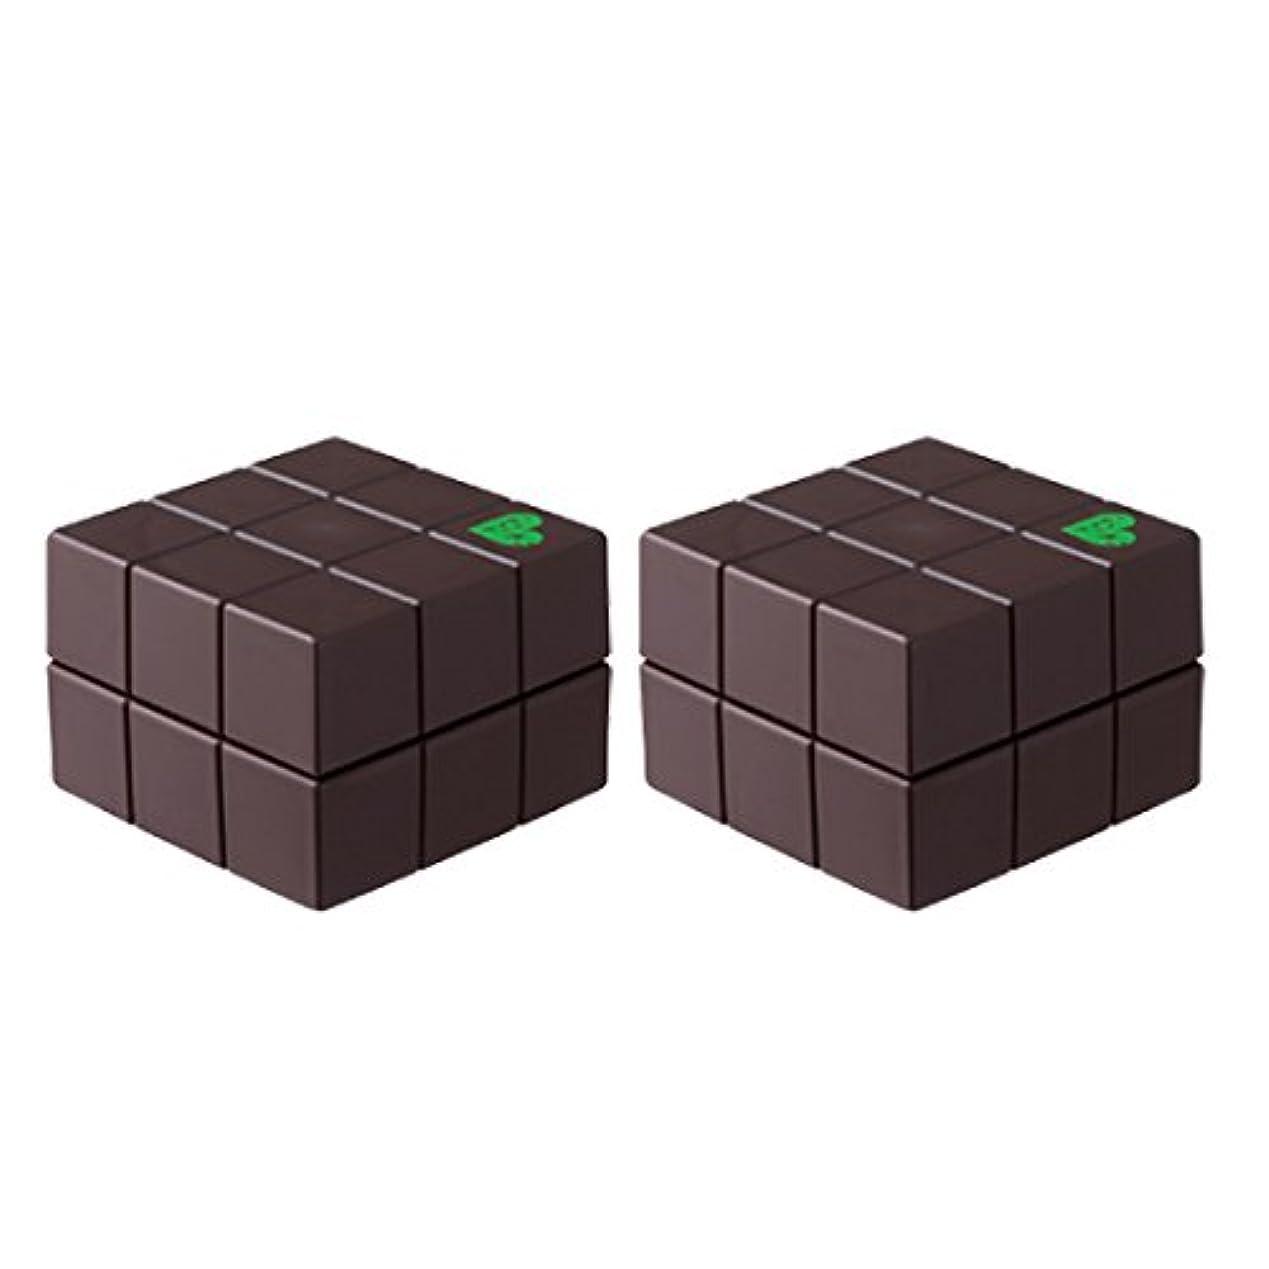 とても引き受けるアテンダント【x2個セット】 アリミノ ピース プロデザインシリーズ ハードワックス チョコ 40g